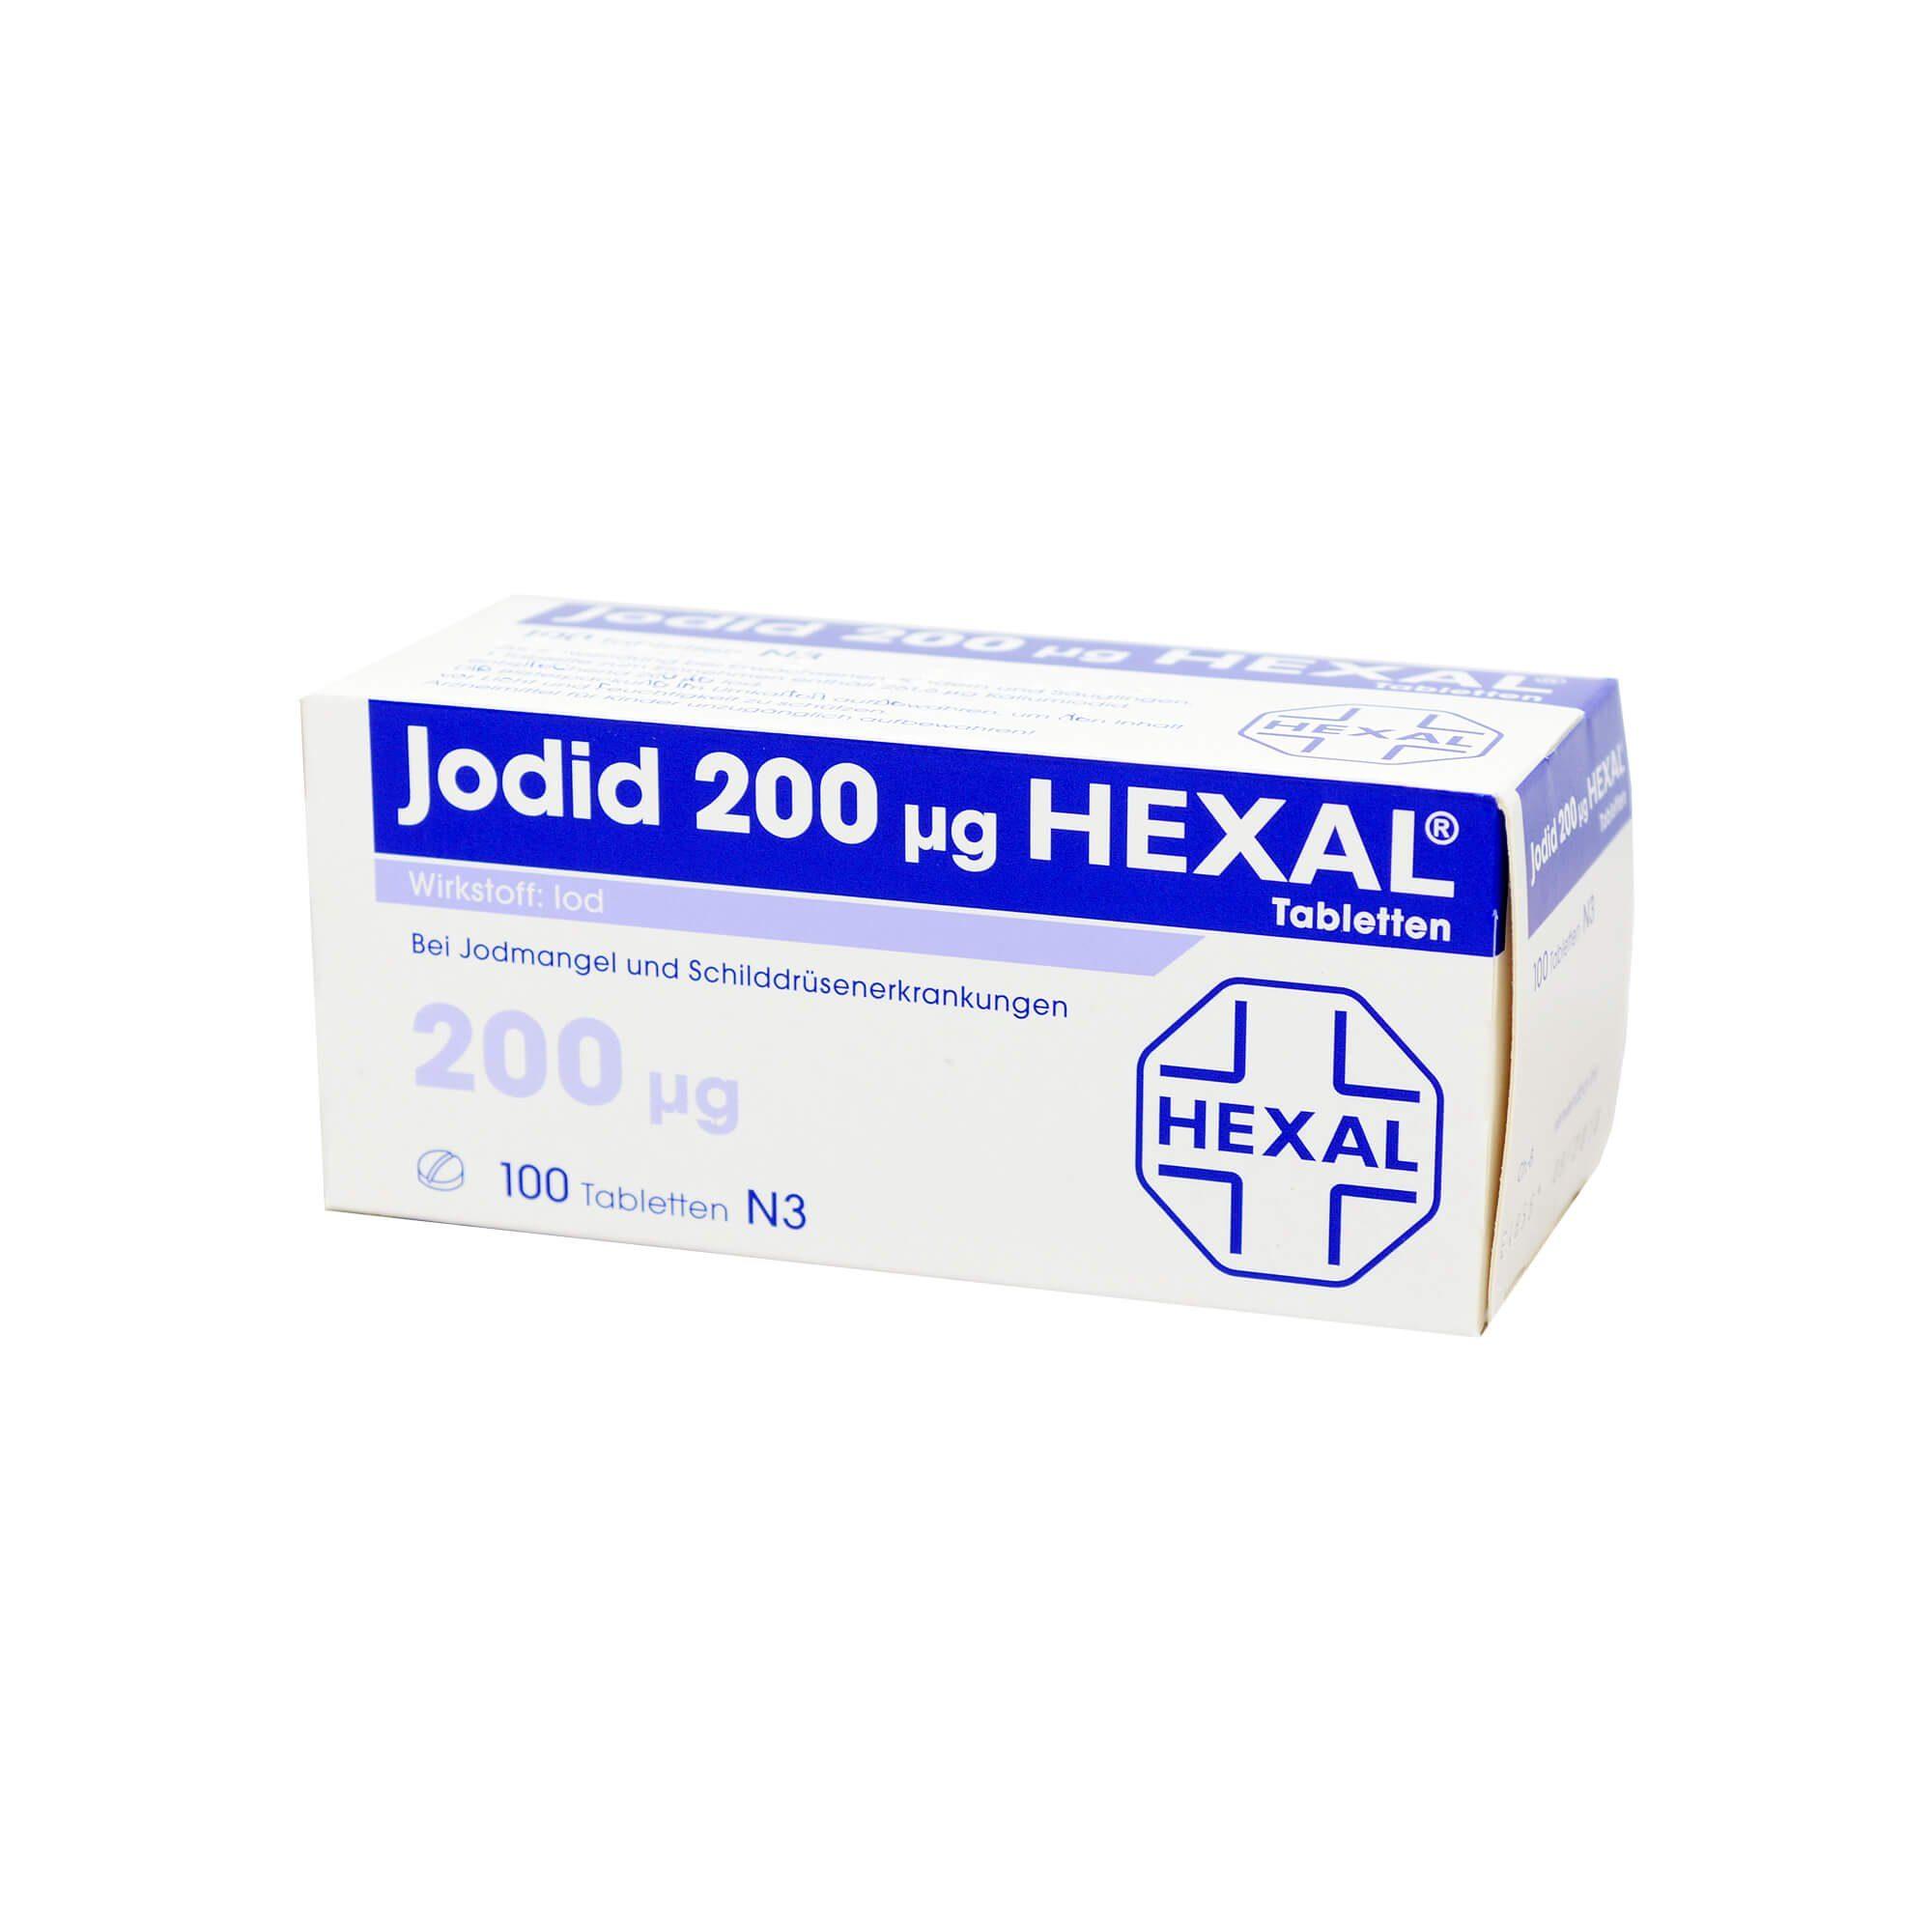 Jodid 200 Hexal , 100 St